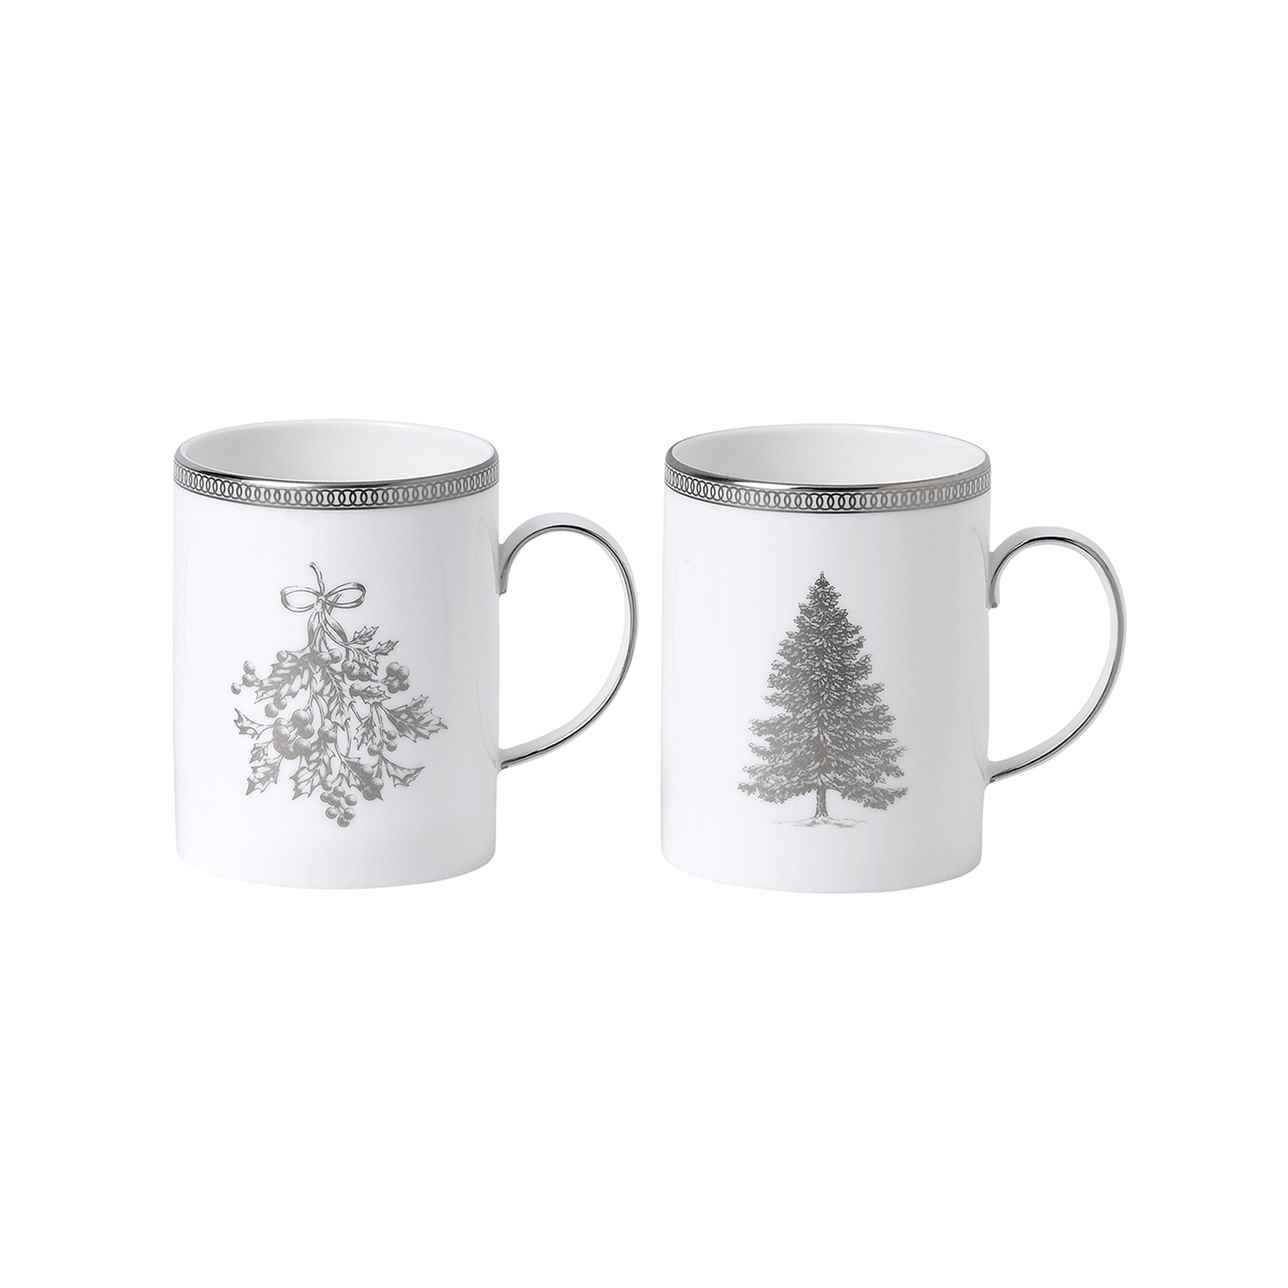 Winter White Mug, Set of Two